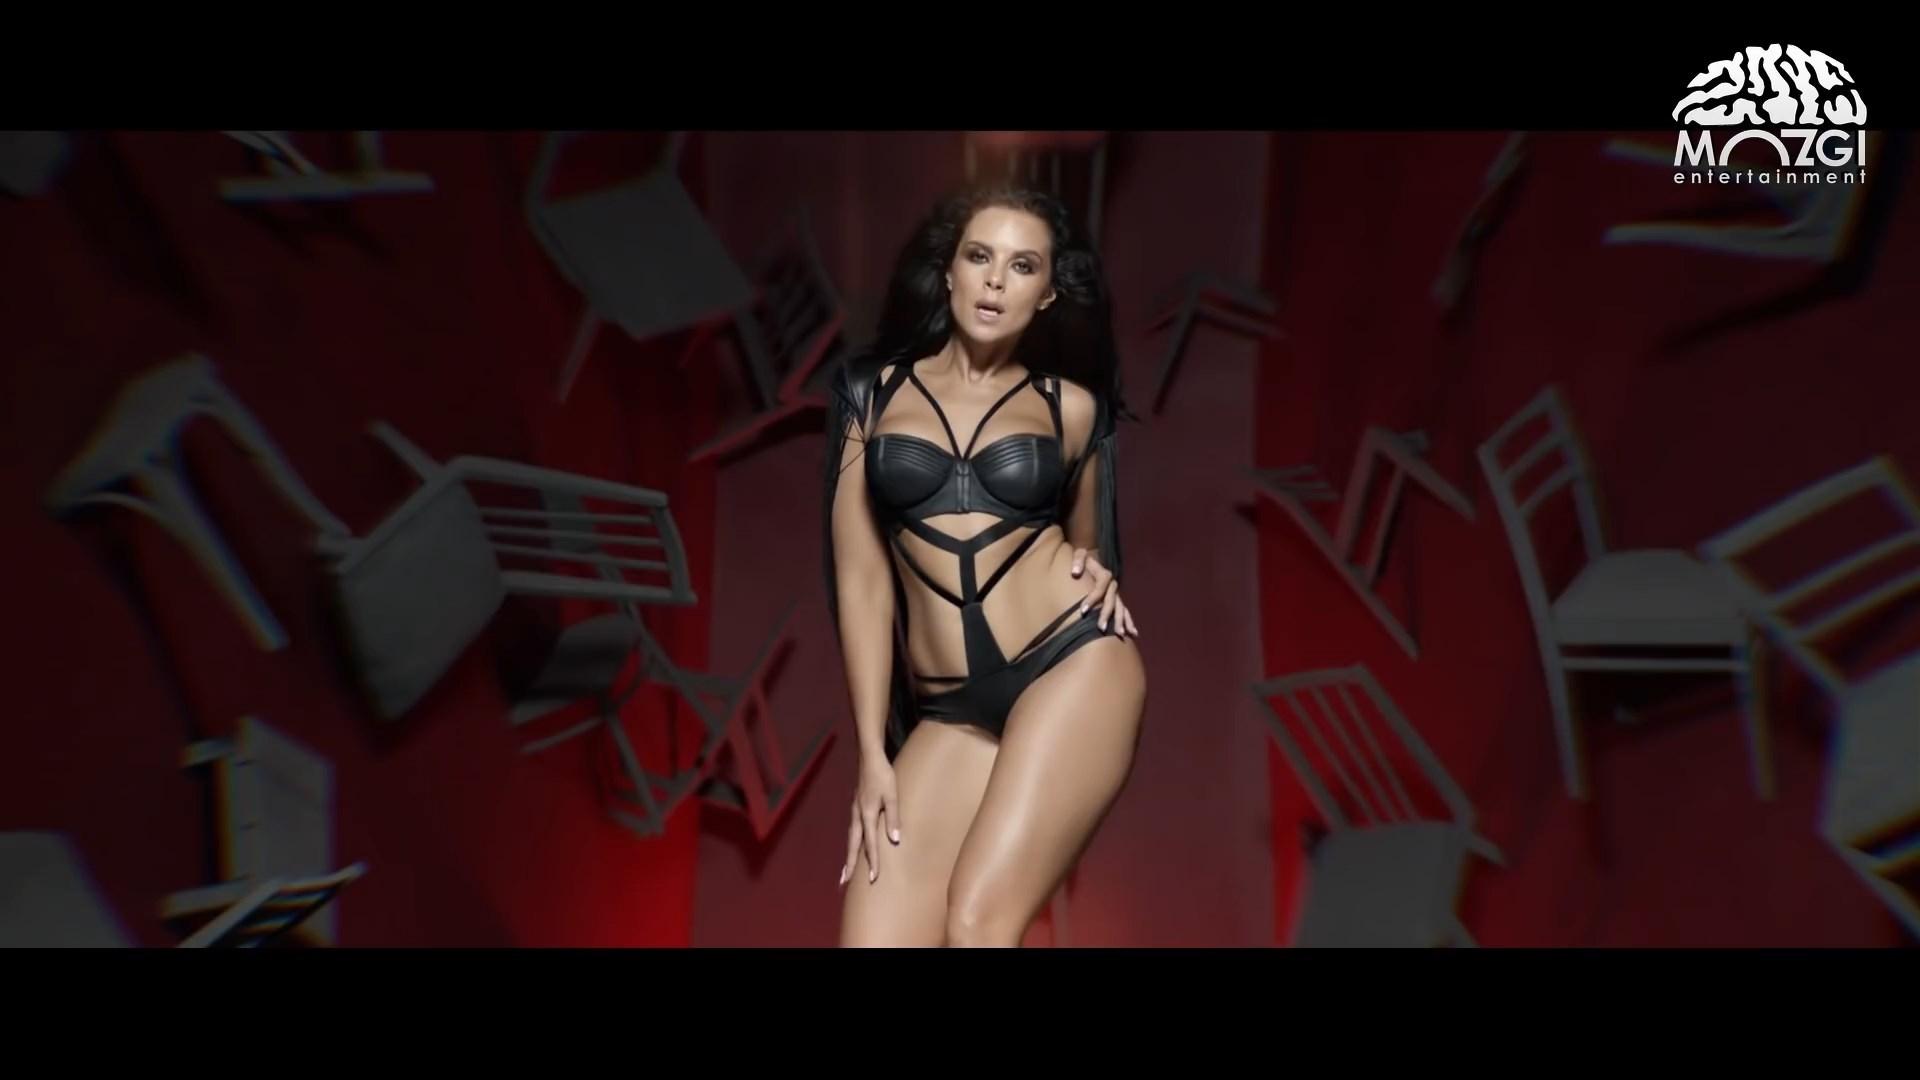 Секси клипы без цензуры смотреть онлайн, Видеозаписи Сексуальные клипыБез цензуры лучшие 24 фотография